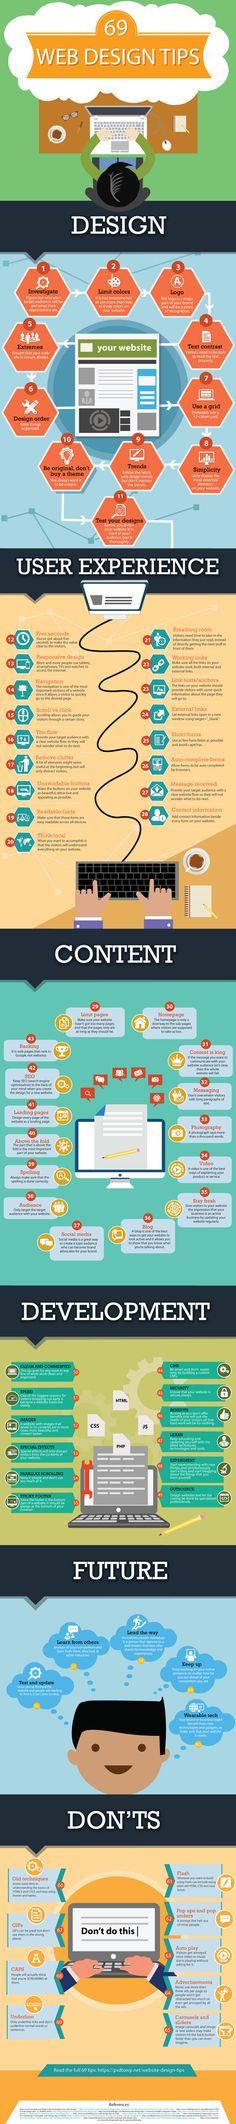 69 #consejos para diseñar la página web perfecta - #marketing #design #diseño #infografía #infographics